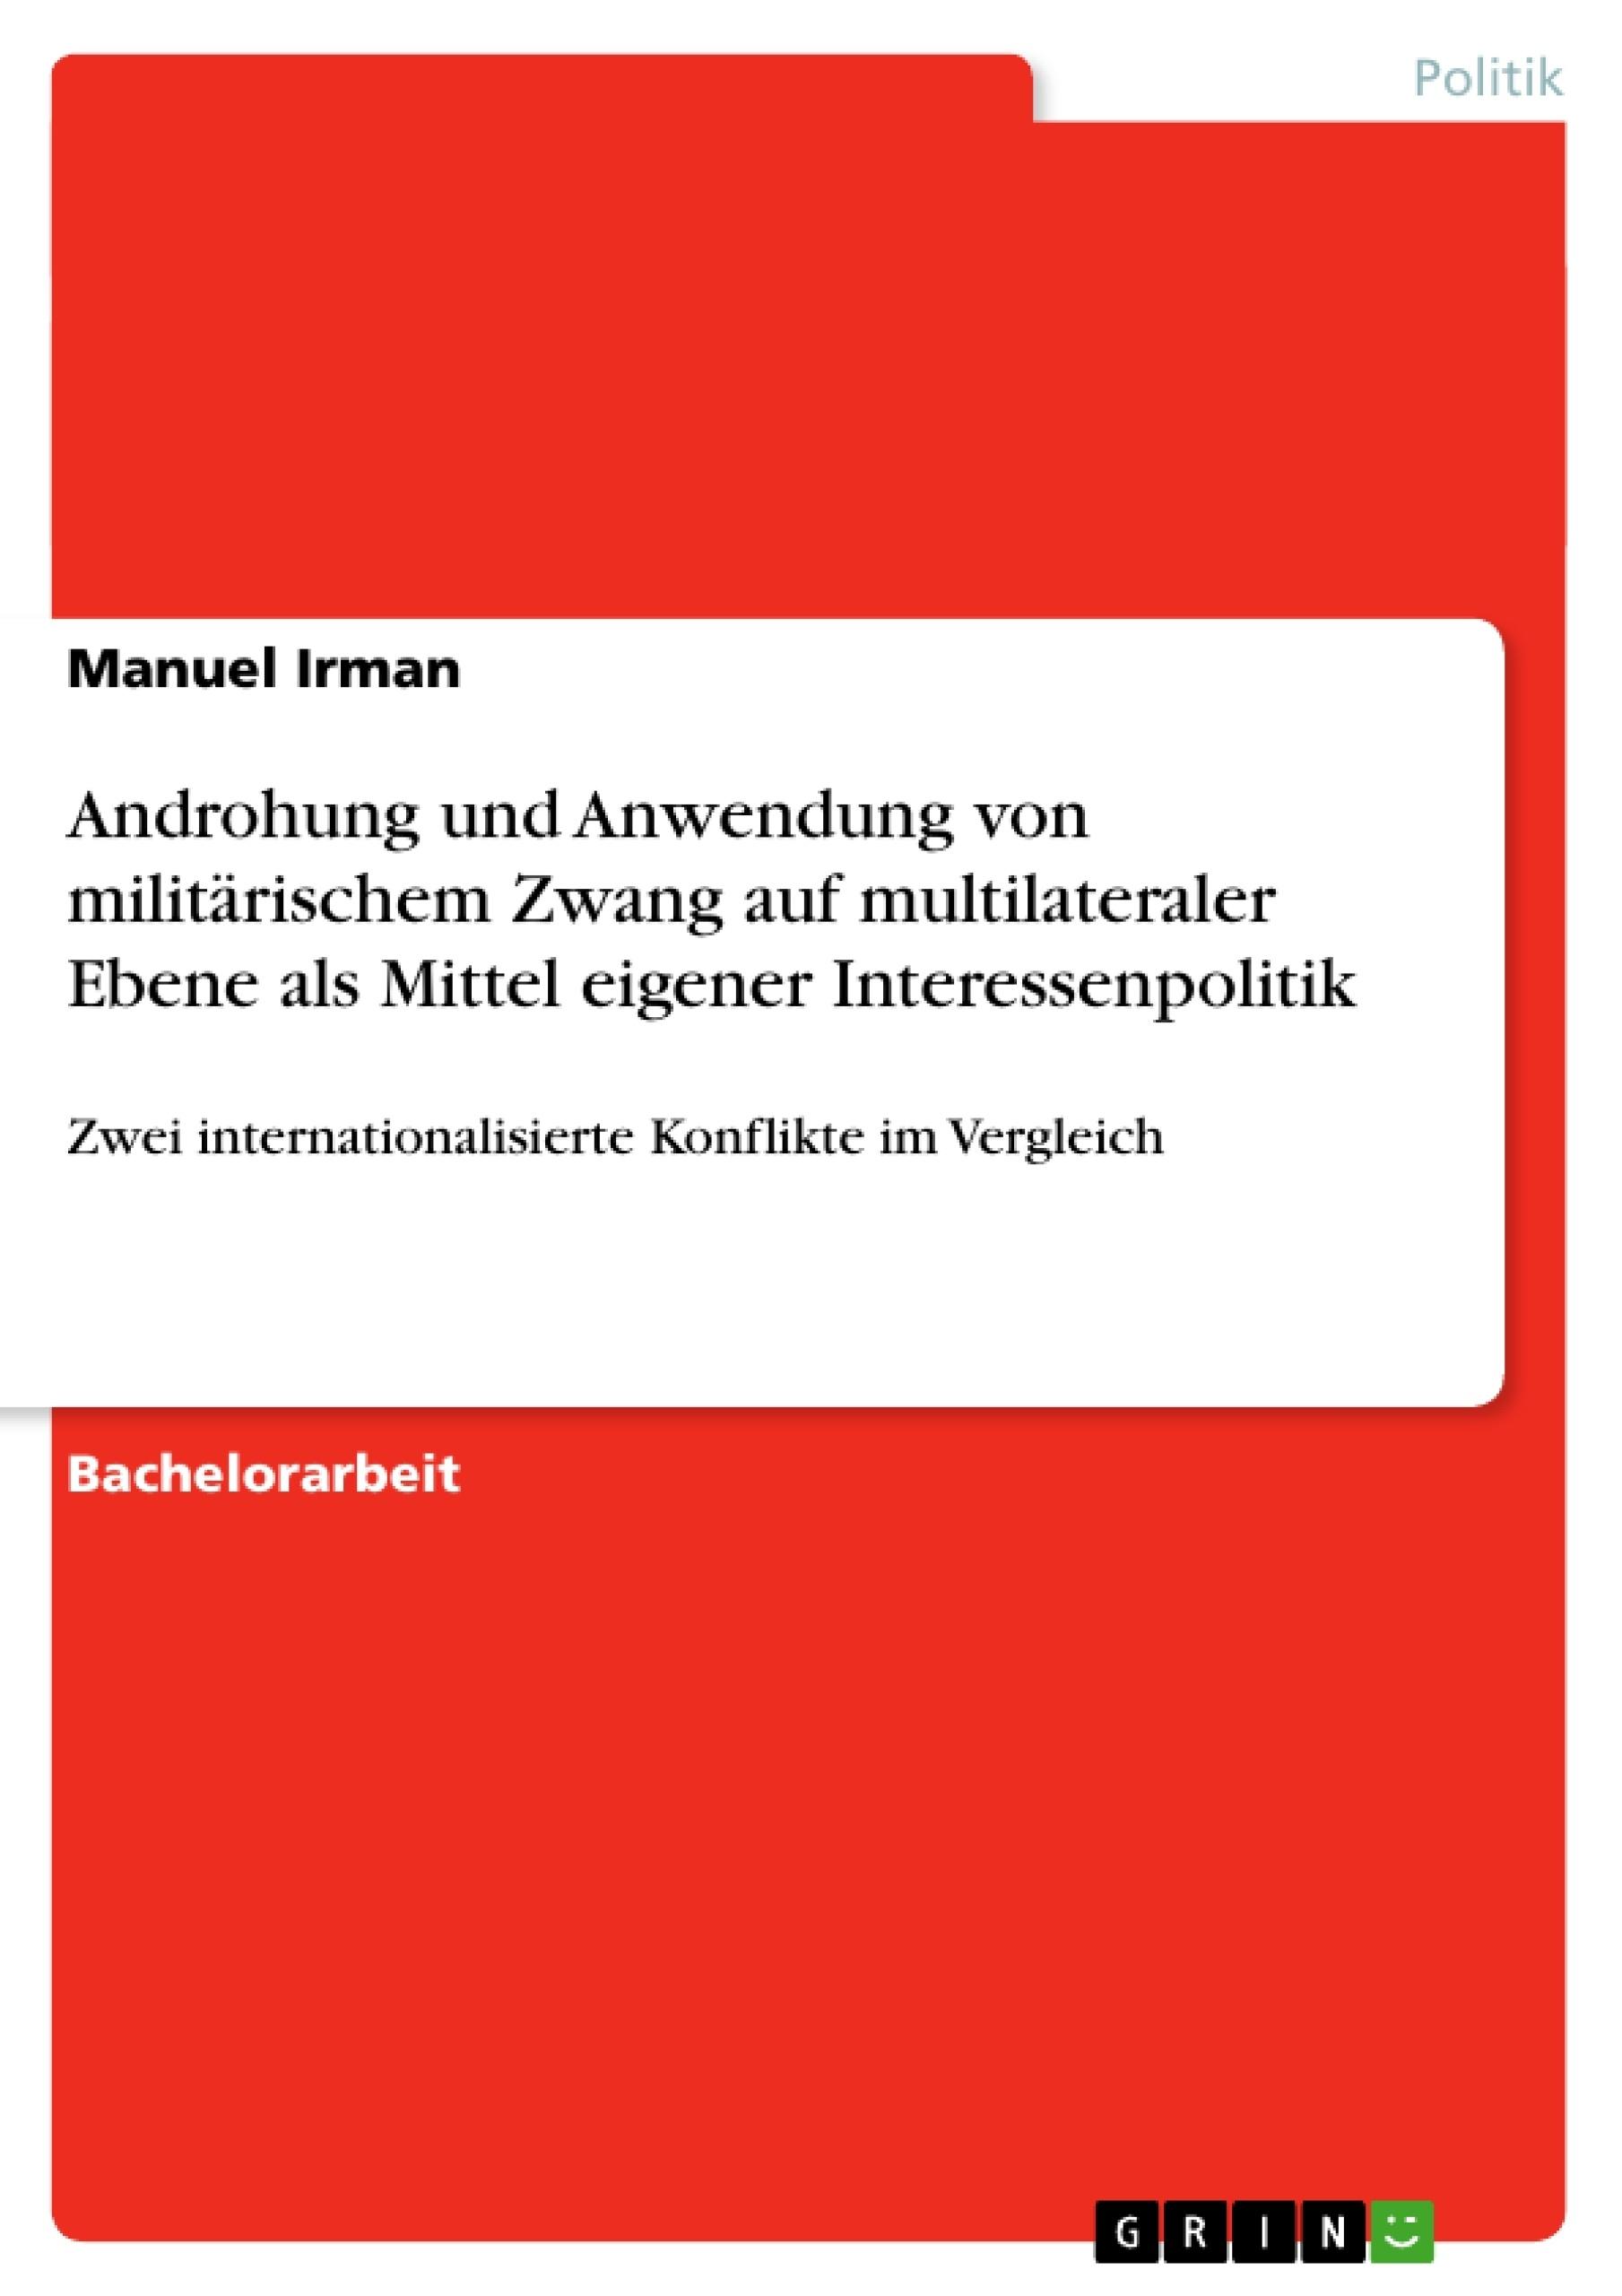 Titel: Androhung und Anwendung von militärischem Zwang auf multilateraler Ebene als Mittel eigener Interessenpolitik